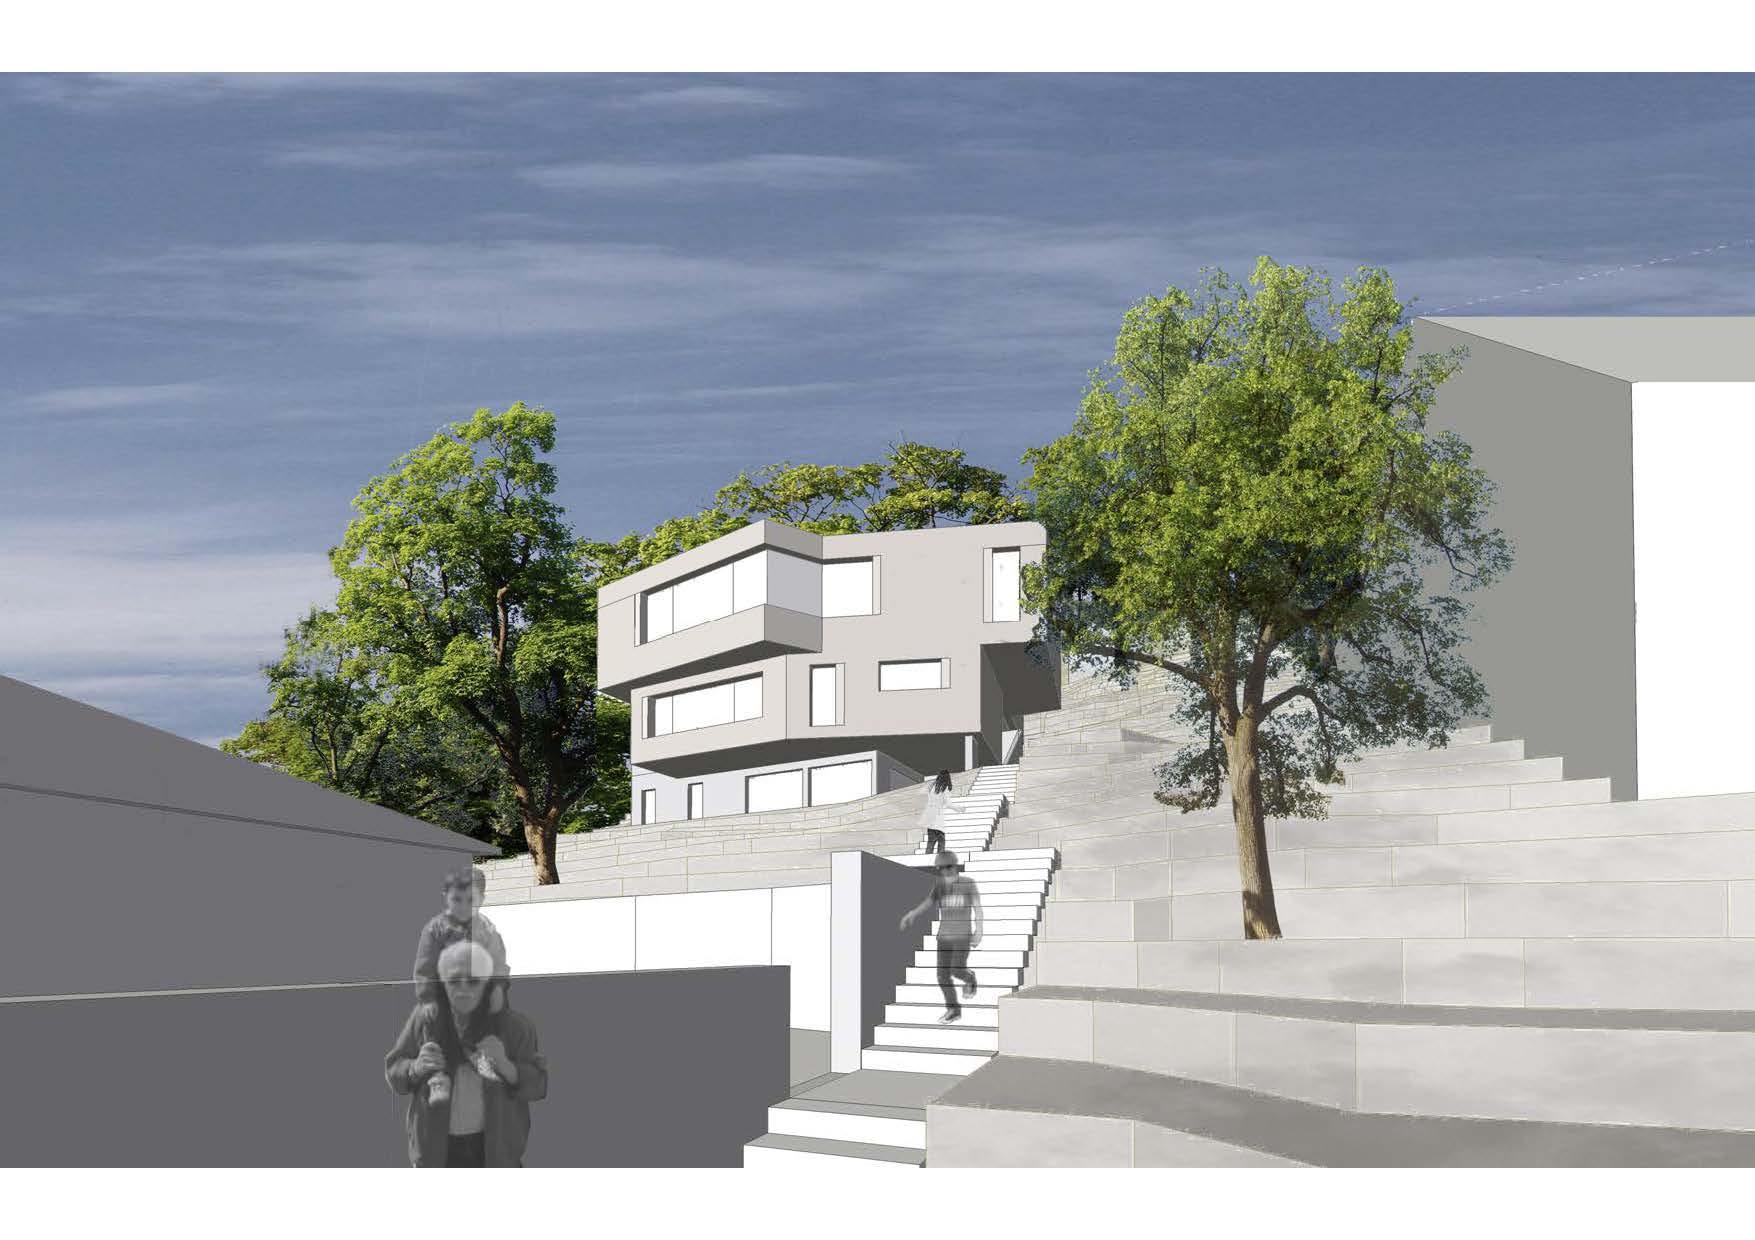 Architekten Jena stettler architekten neubau efh d jena